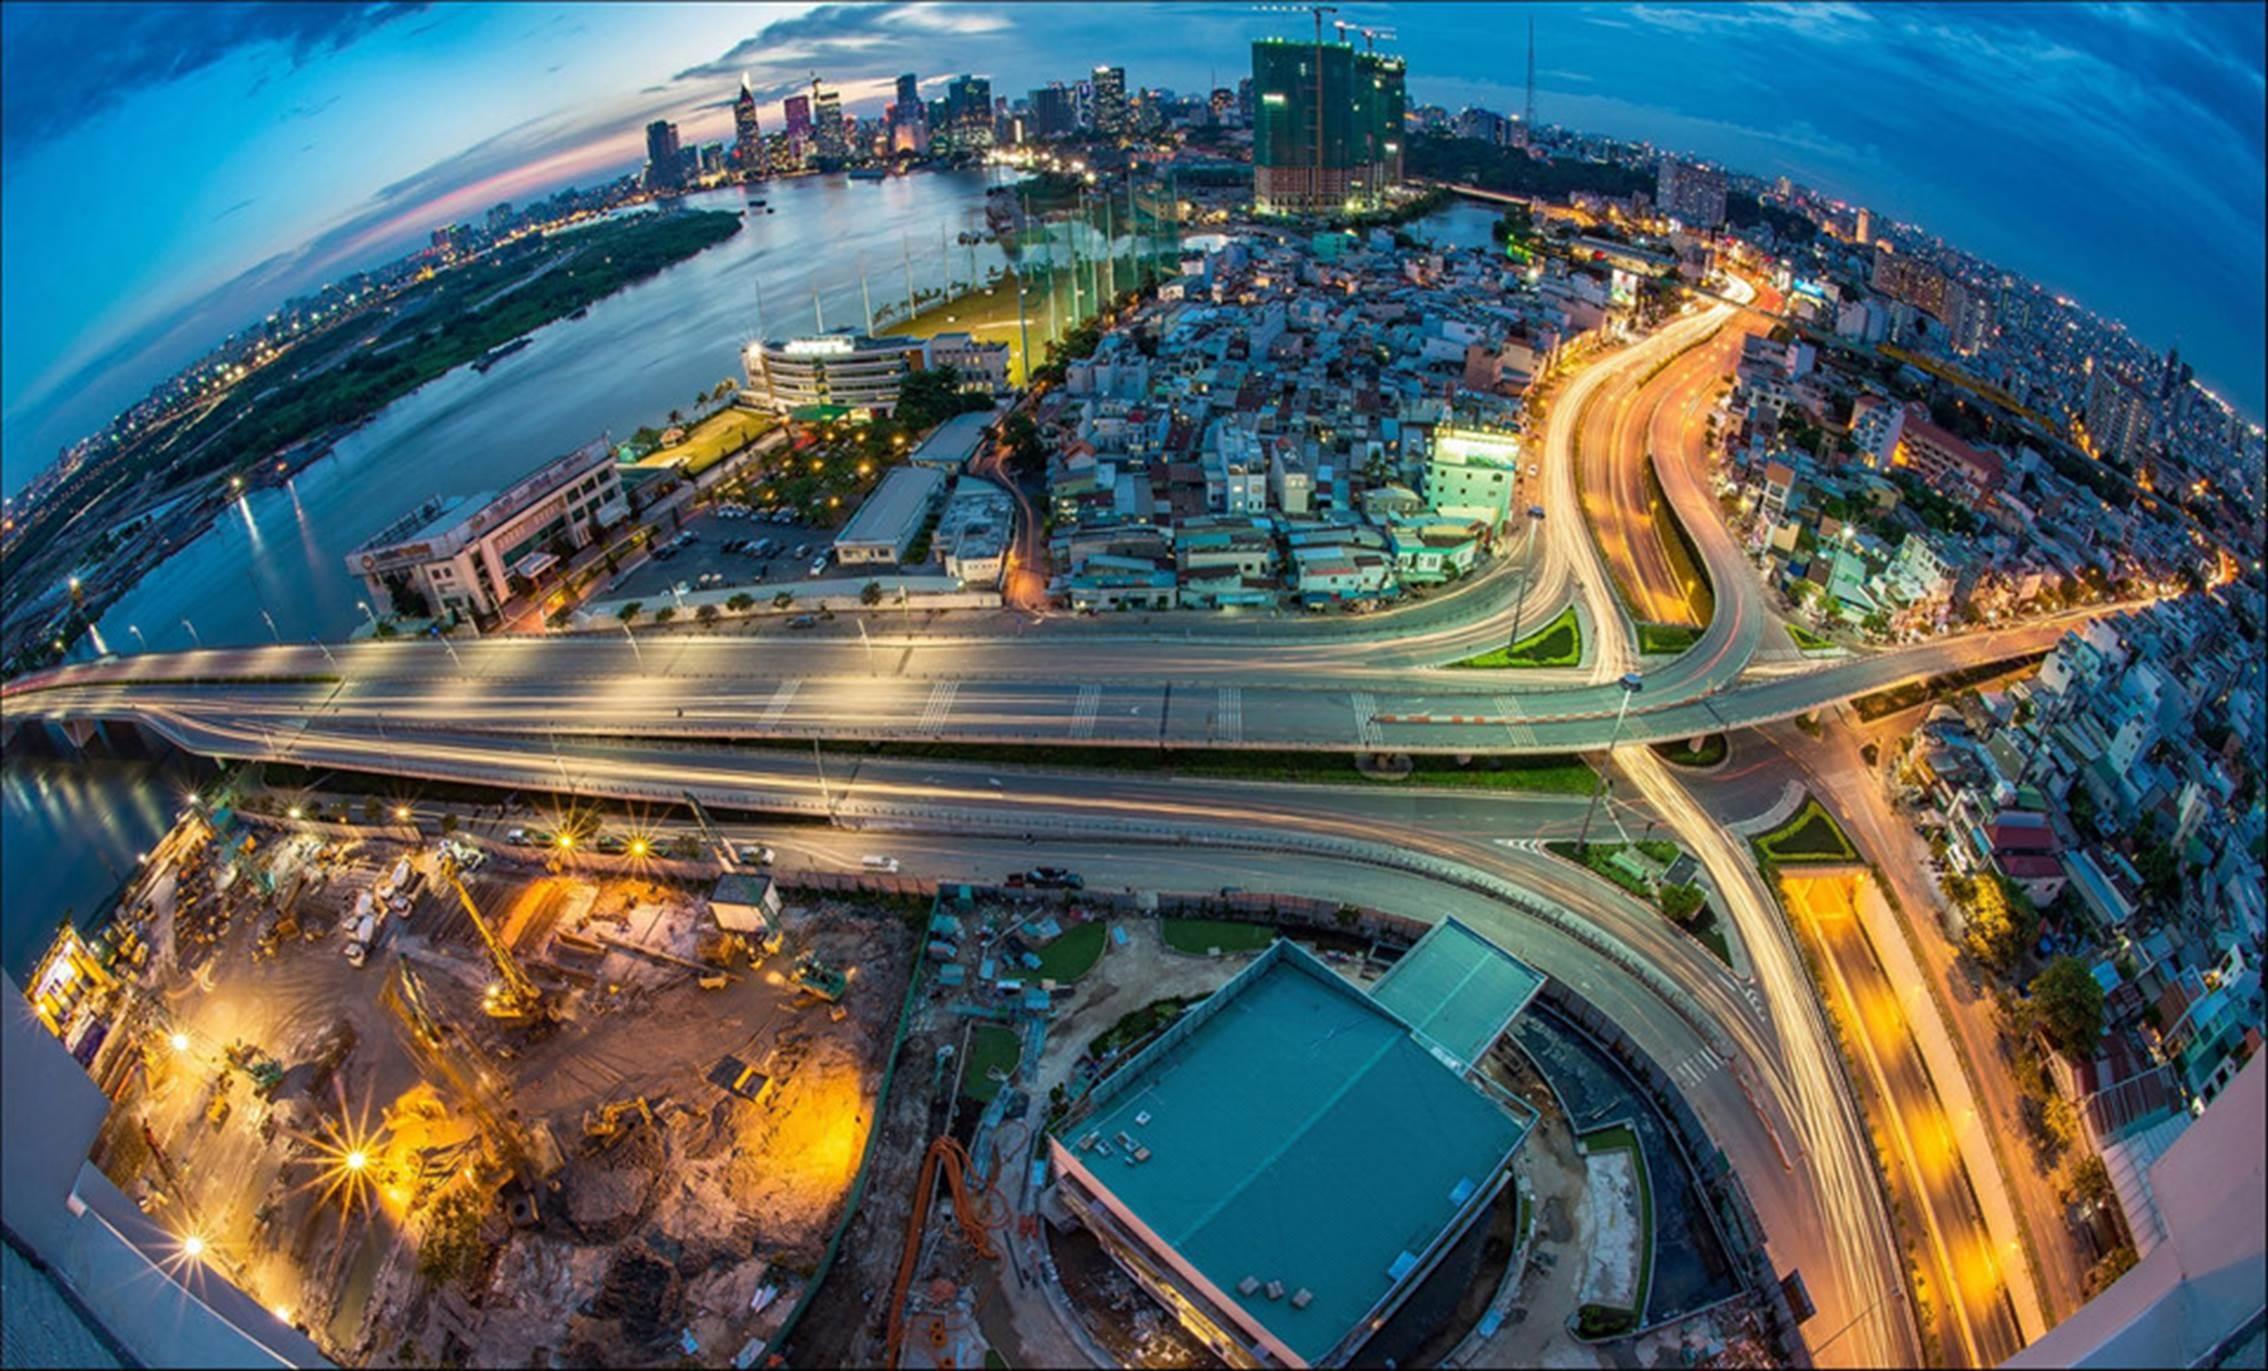 Sài Gòn hoa lệ lung linh ánh đèn trong 'Dấu ấn Việt Nam'-3